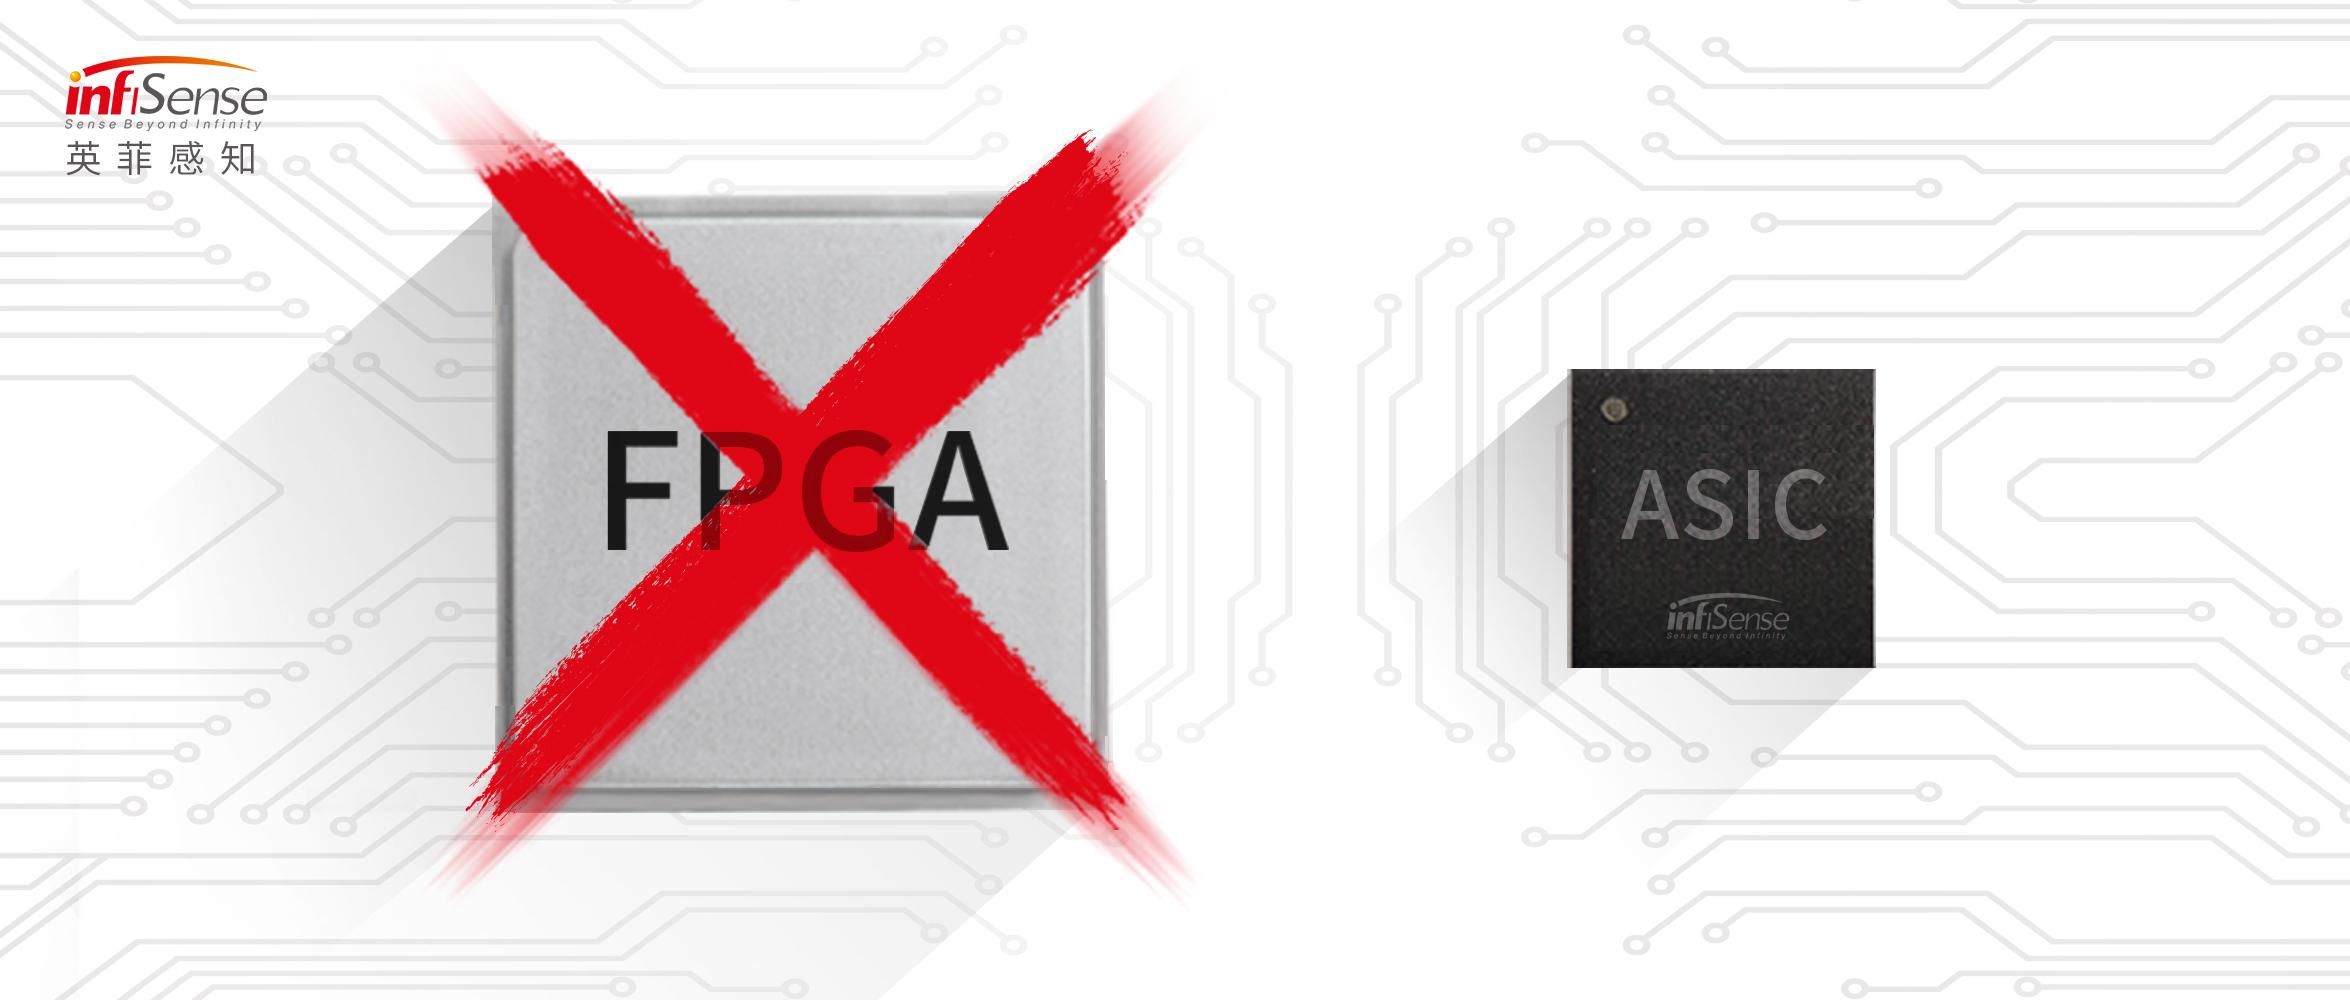 替代FPGA——英菲感知发布基于自主研发ASIC处理器芯片的全系列红外热成像模组